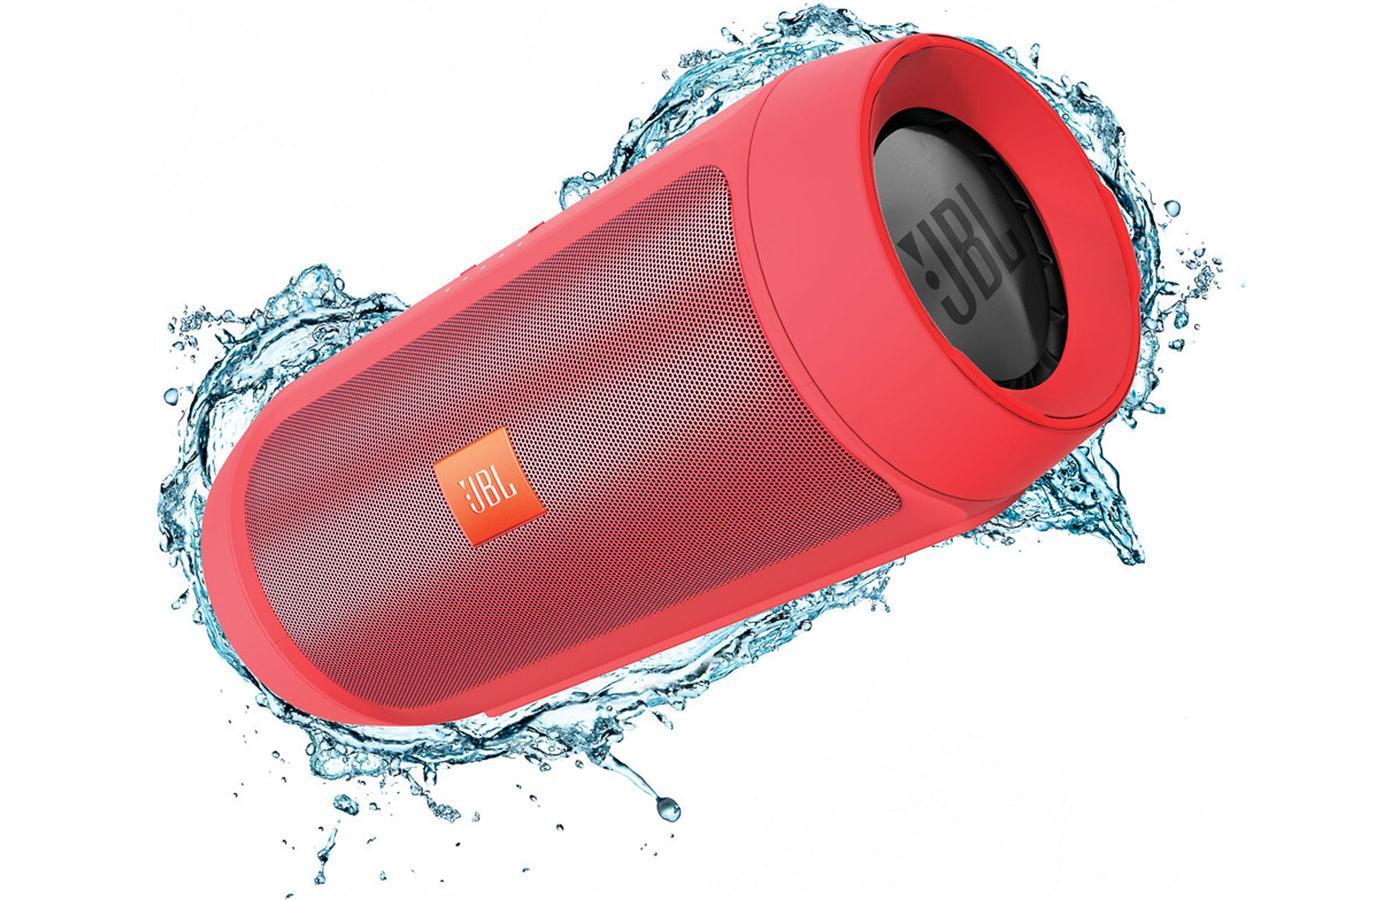 JBL Charge 2+ ลำโพงพกพากันน้ำได้ พลังเสียงเบสอิ่ม แน่น กระหึ่ม (Red) แถมกระเป๋าฟรี 1 ใบ